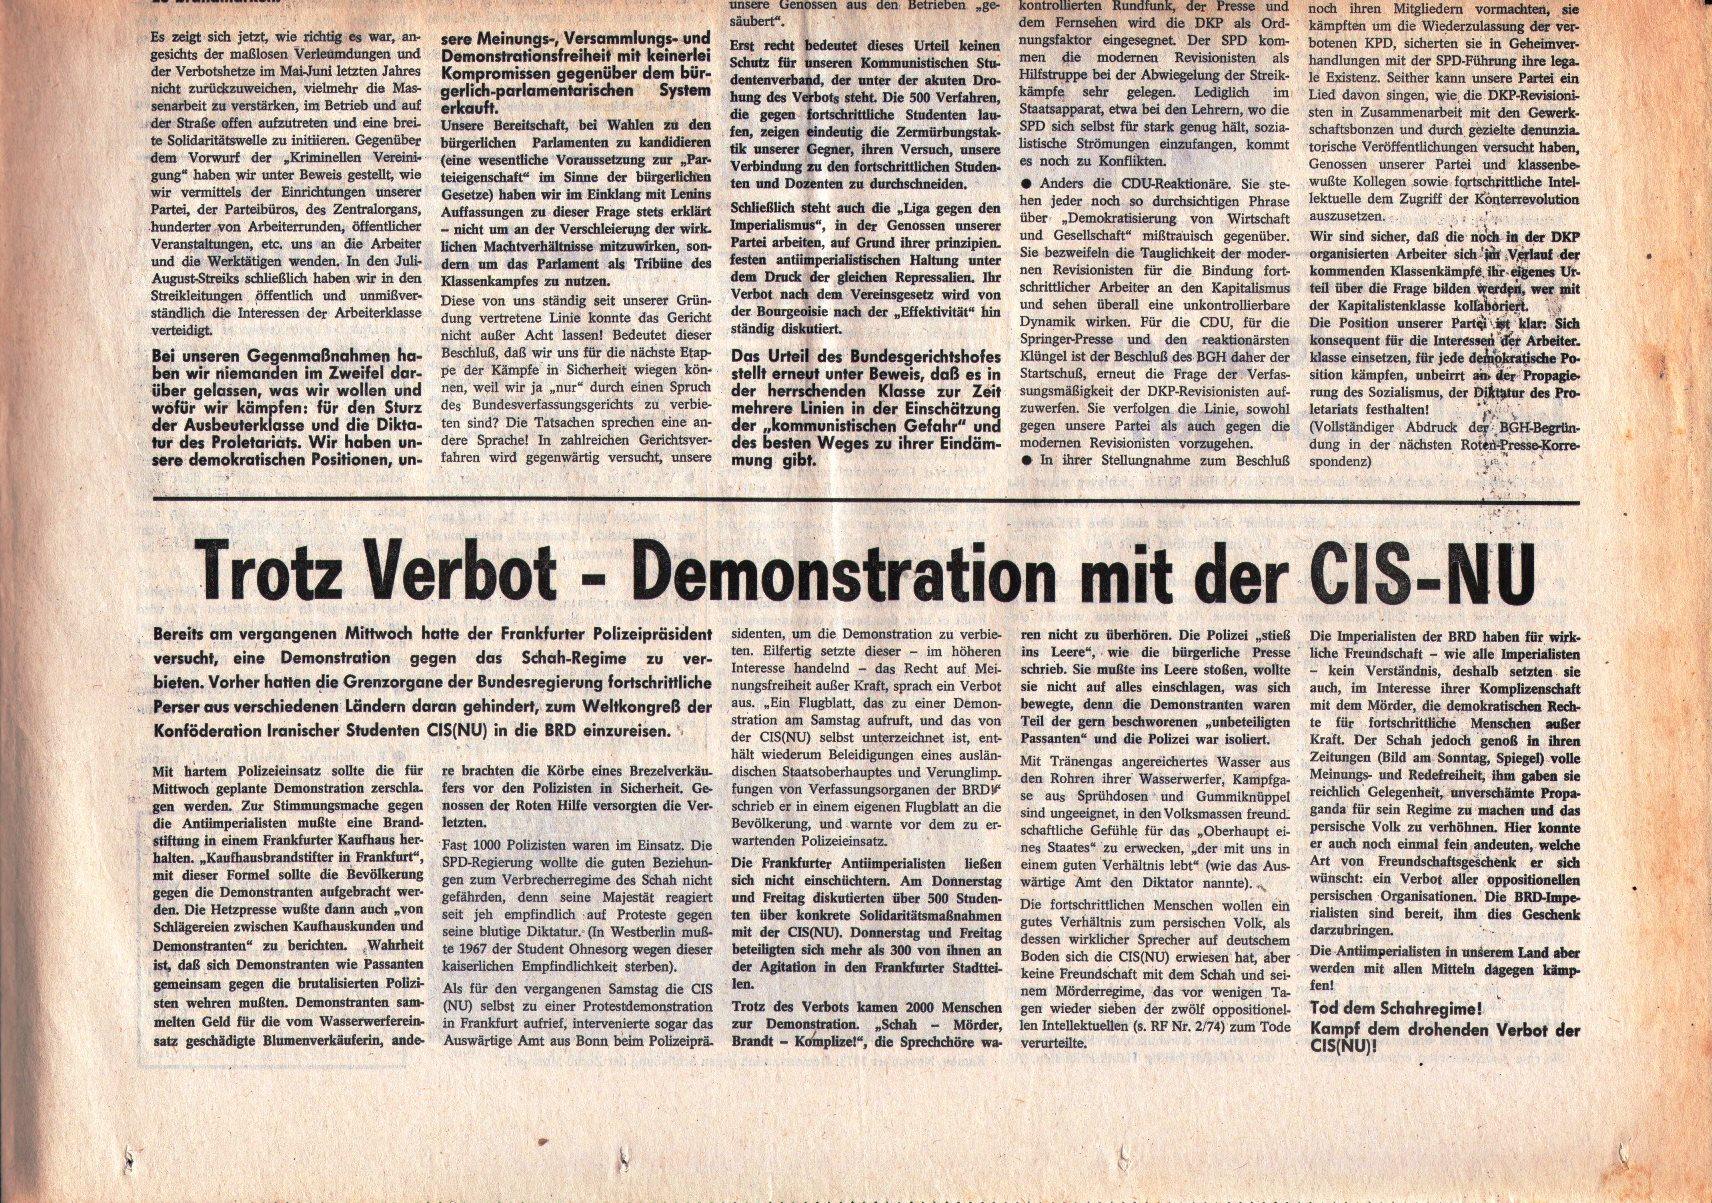 KPD_Rote_Fahne_1974_03_06